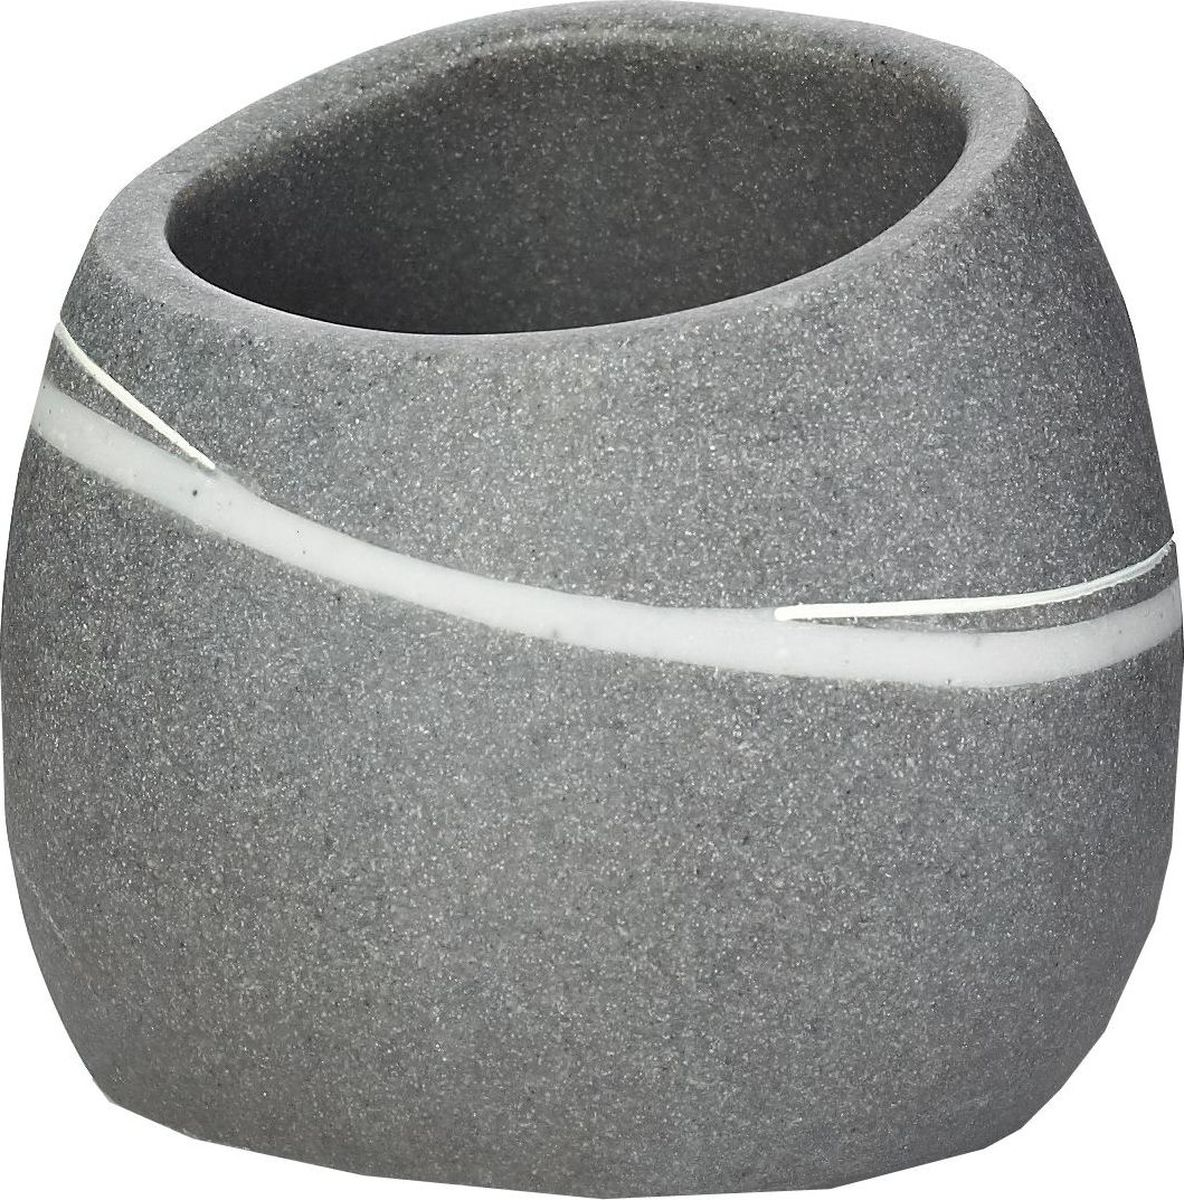 Изделия данной серии устойчивы к ультрафиолету, т.к. изготавливаются из полирезины. Экологичная полирезина - это твердый многокомпонентный материал на основе синтетической смолы,с добавлением каменной крошки и красящих пигментов.